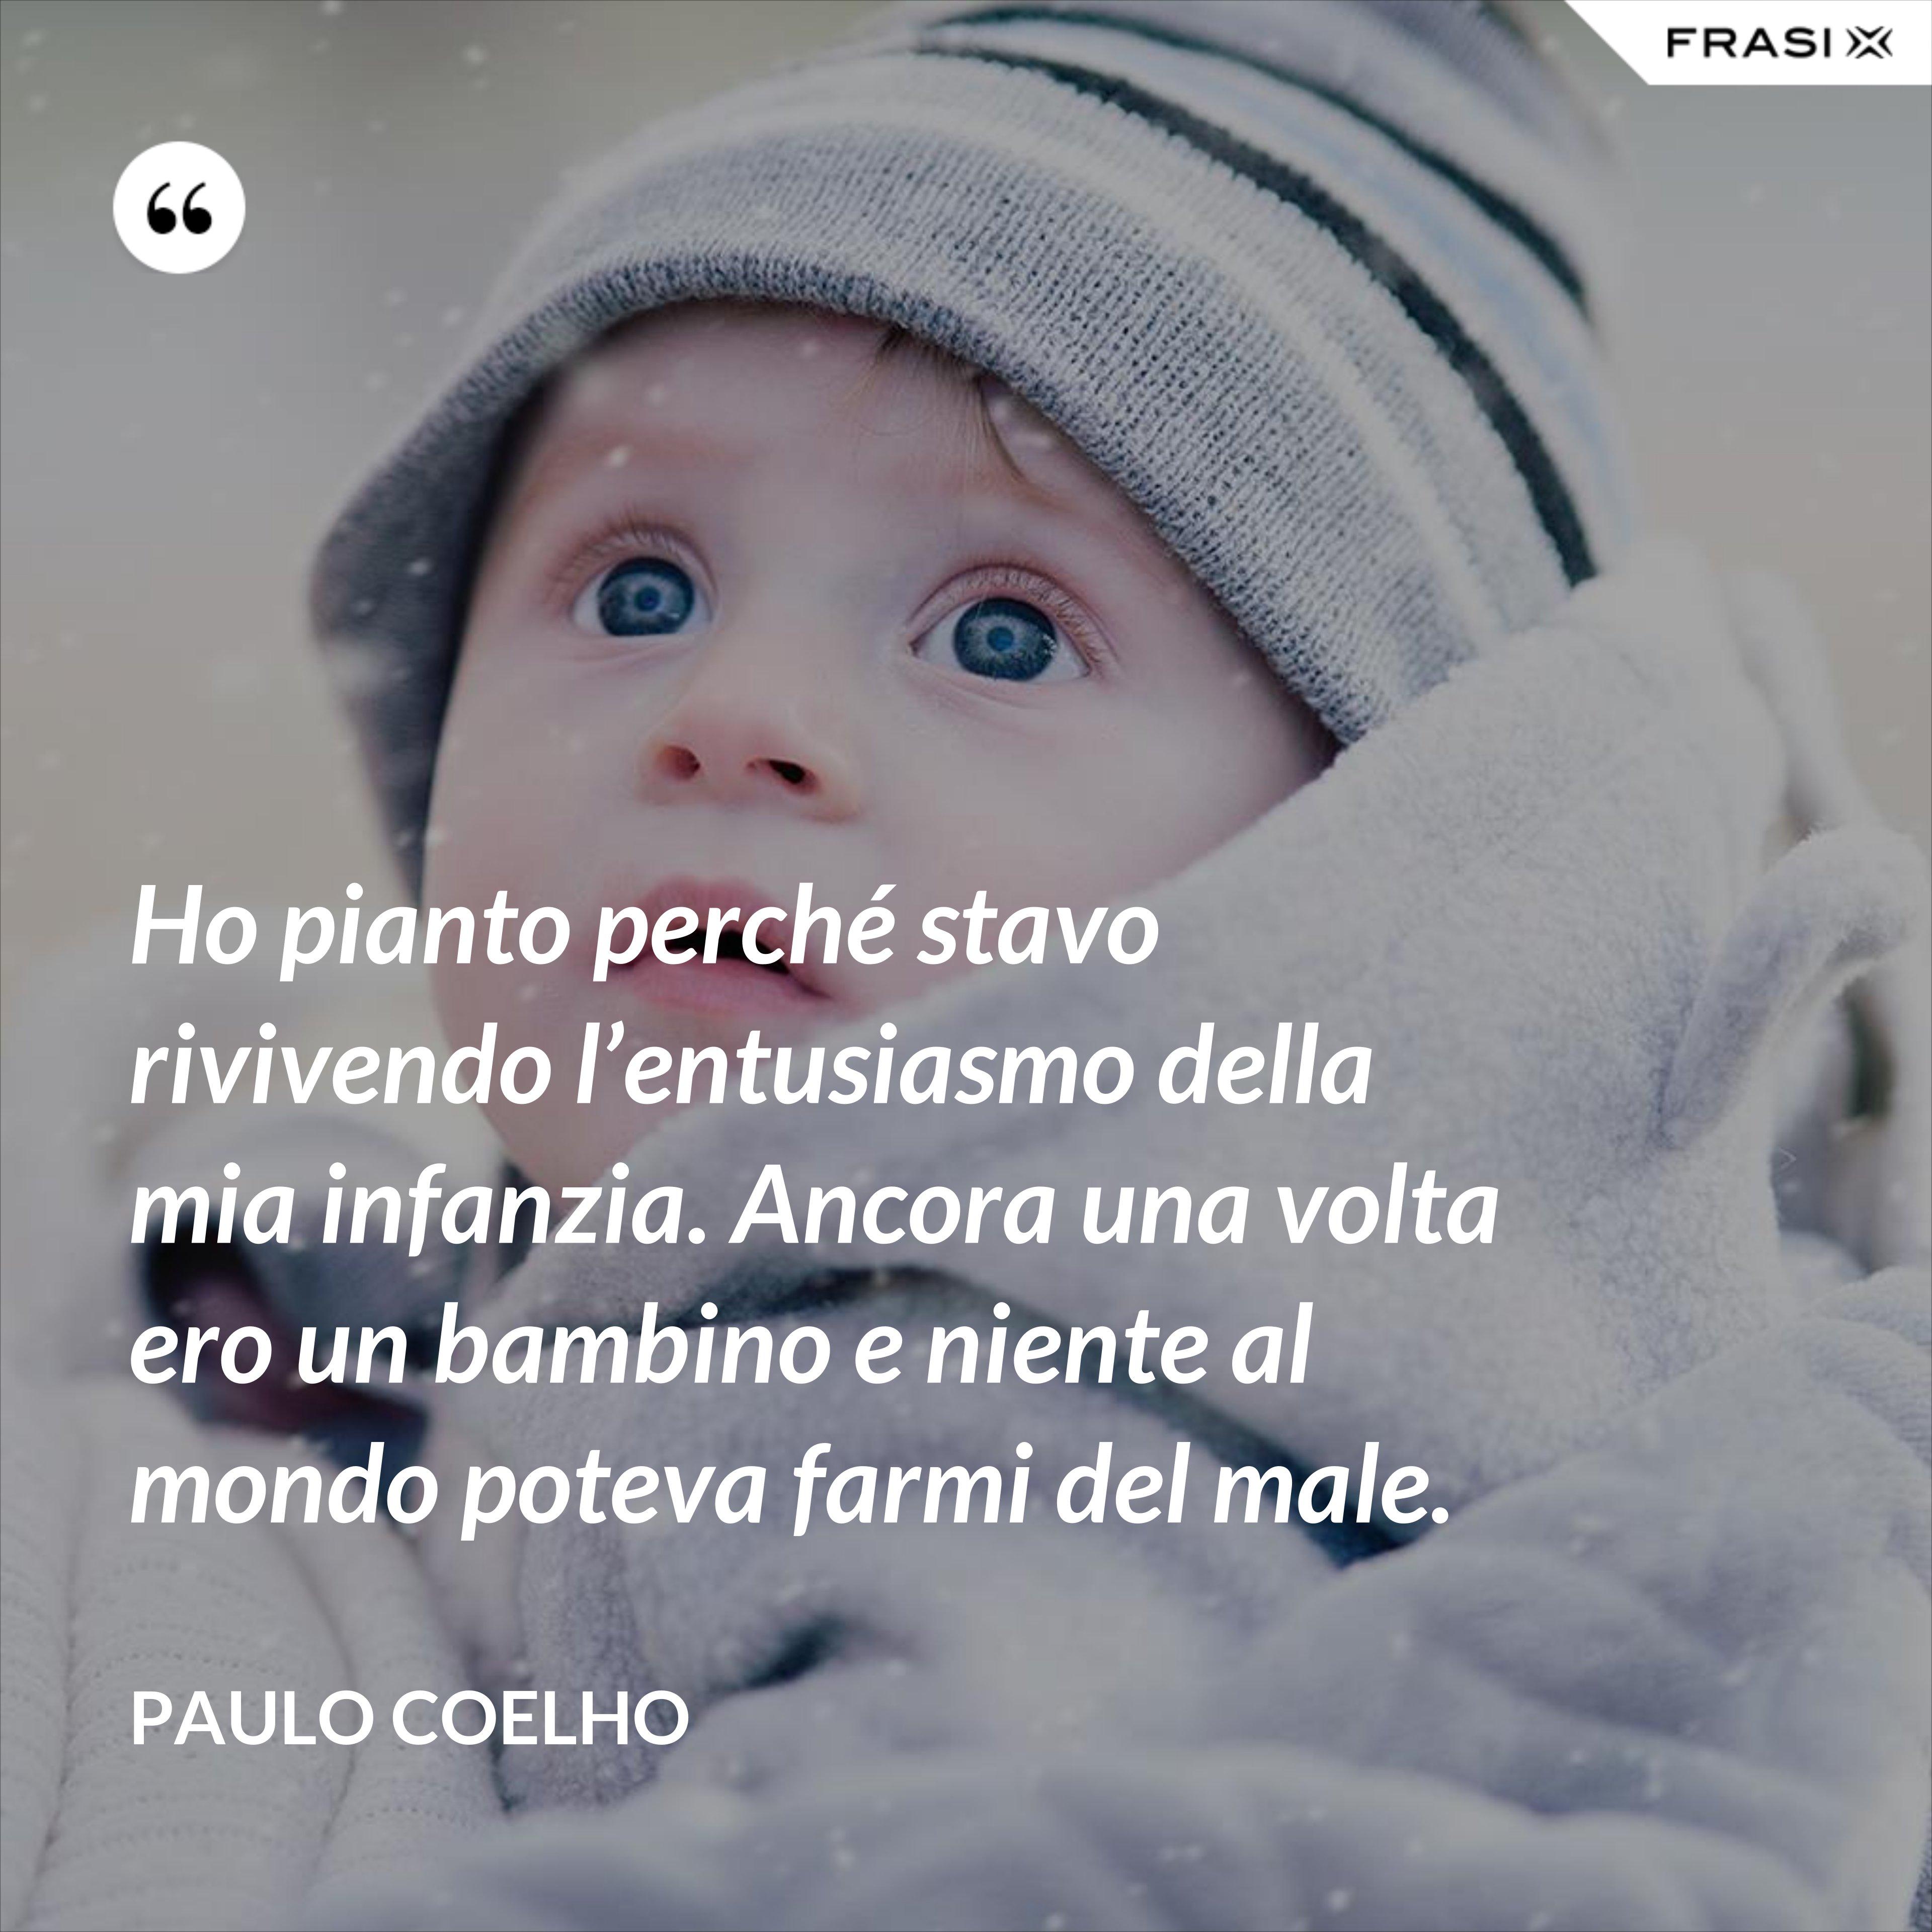 Ho pianto perché stavo rivivendo l'entusiasmo della mia infanzia. Ancora una volta ero un bambino e niente al mondo poteva farmi del male. - Paulo Coelho